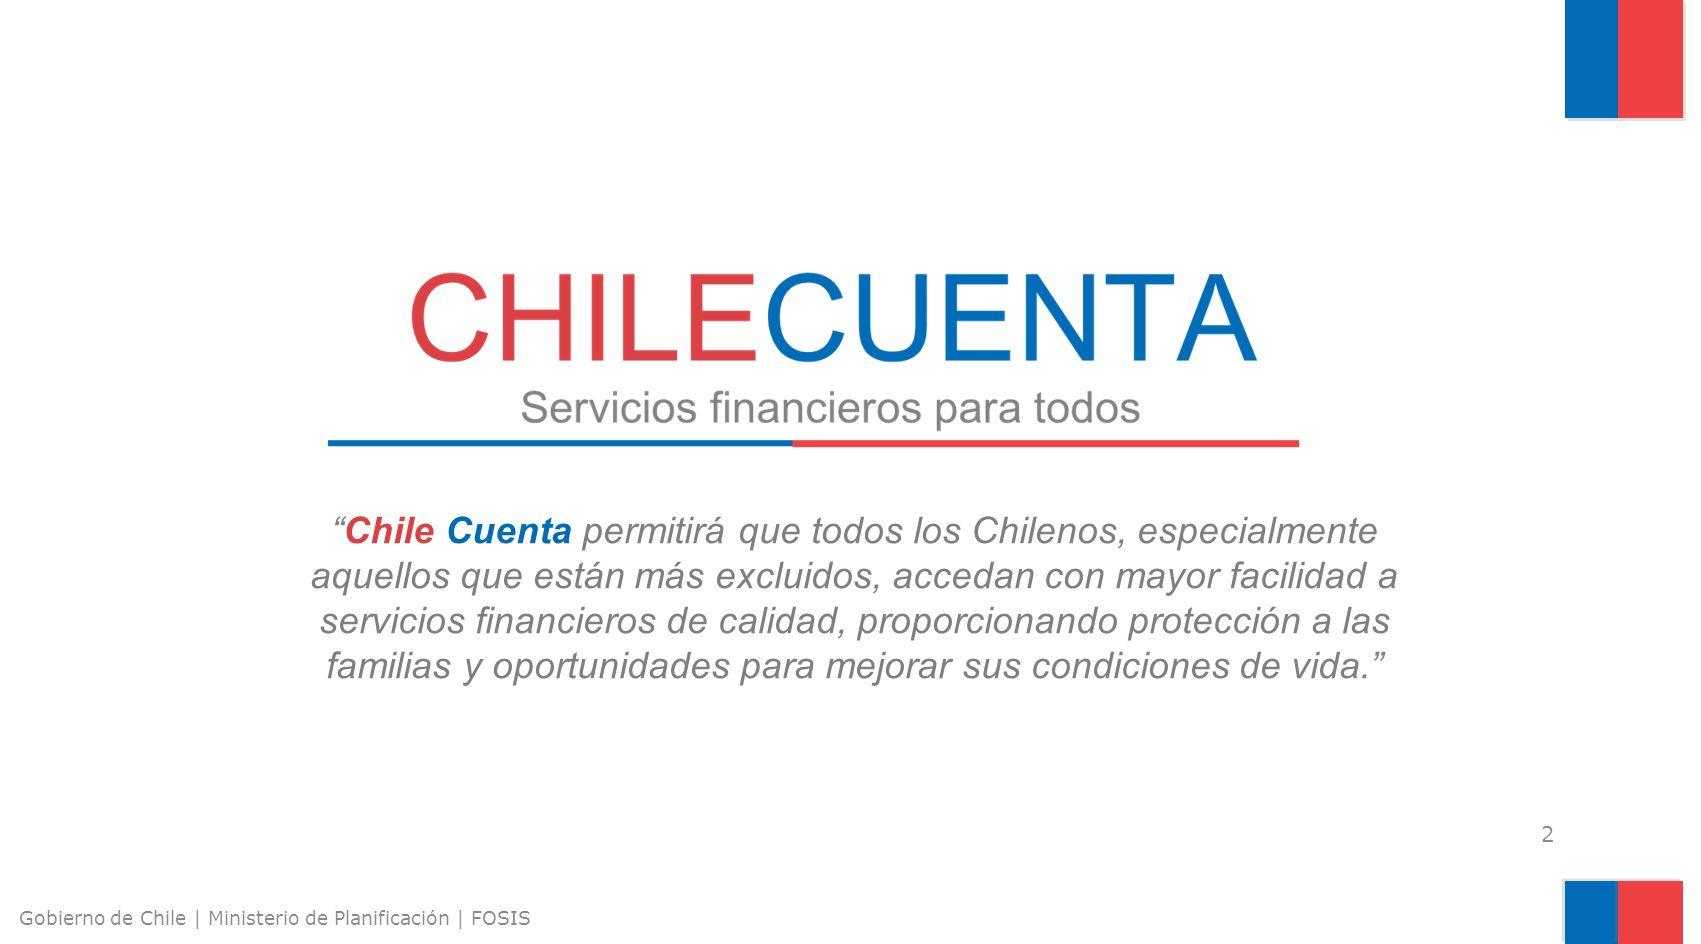 2 Gobierno de Chile | Ministerio de Planificación | FOSIS Chile Cuenta permitirá que todos los Chilenos, especialmente aquellos que están más excluido